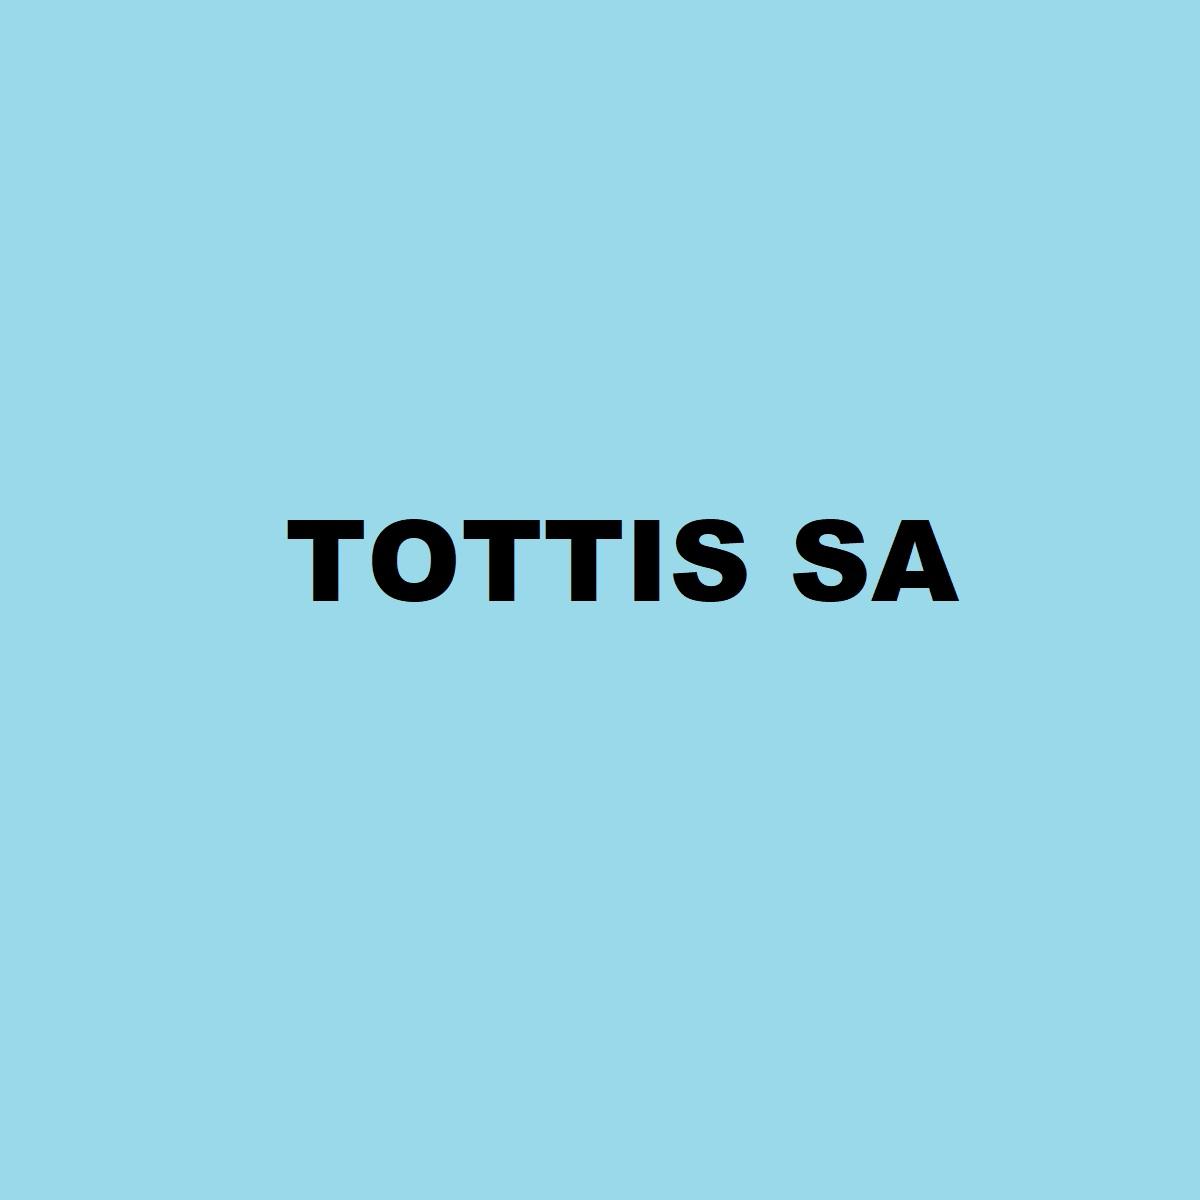 TOTTIS SA